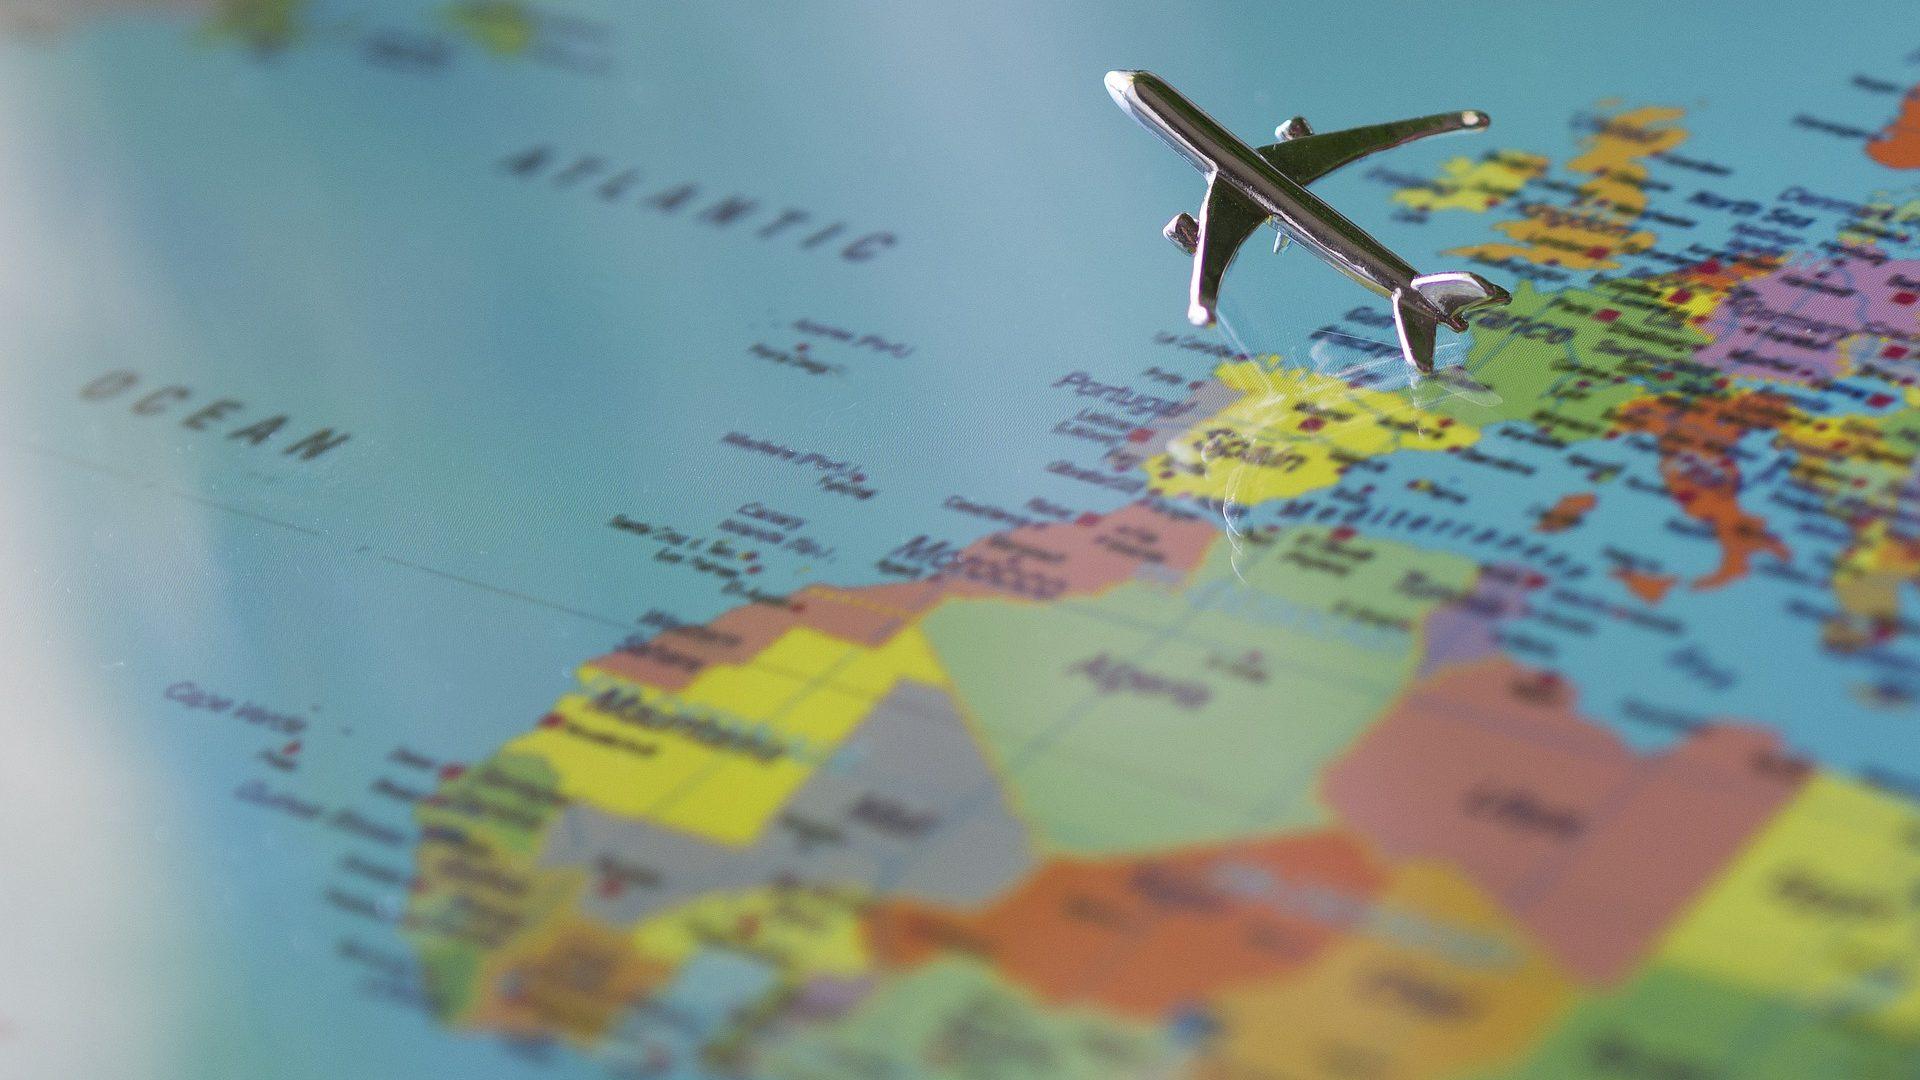 Nieudana podróż samolotem. Na jakich zasadach można dochodzić odszkodowania po wakacjach?